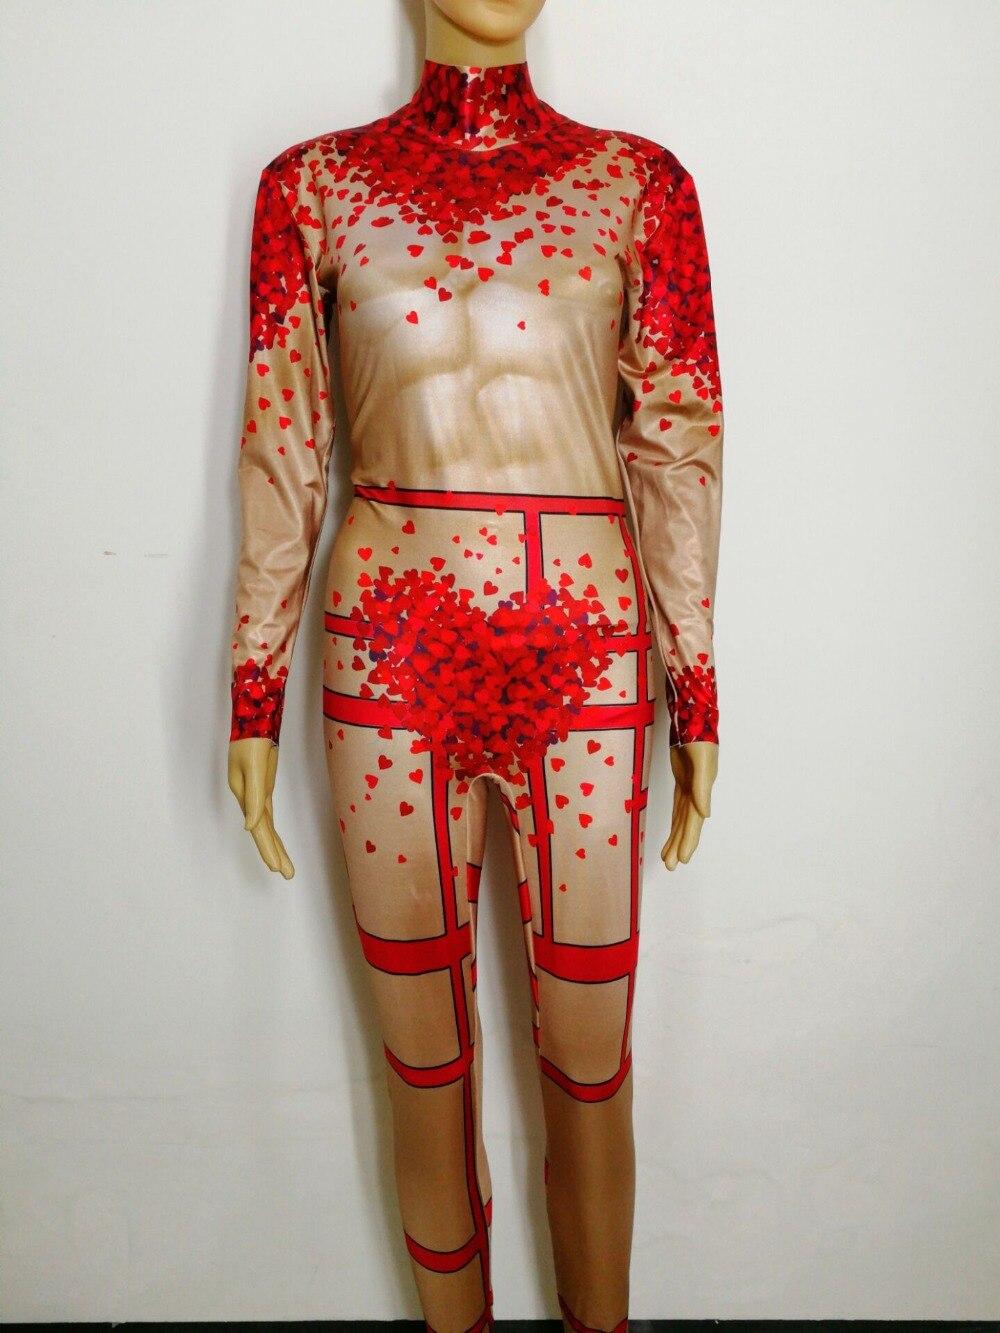 Запад Стиль Бар Купальник комбинезон День святого Валентина для ночного клуба сценический костюм для танцев выступлений одежда